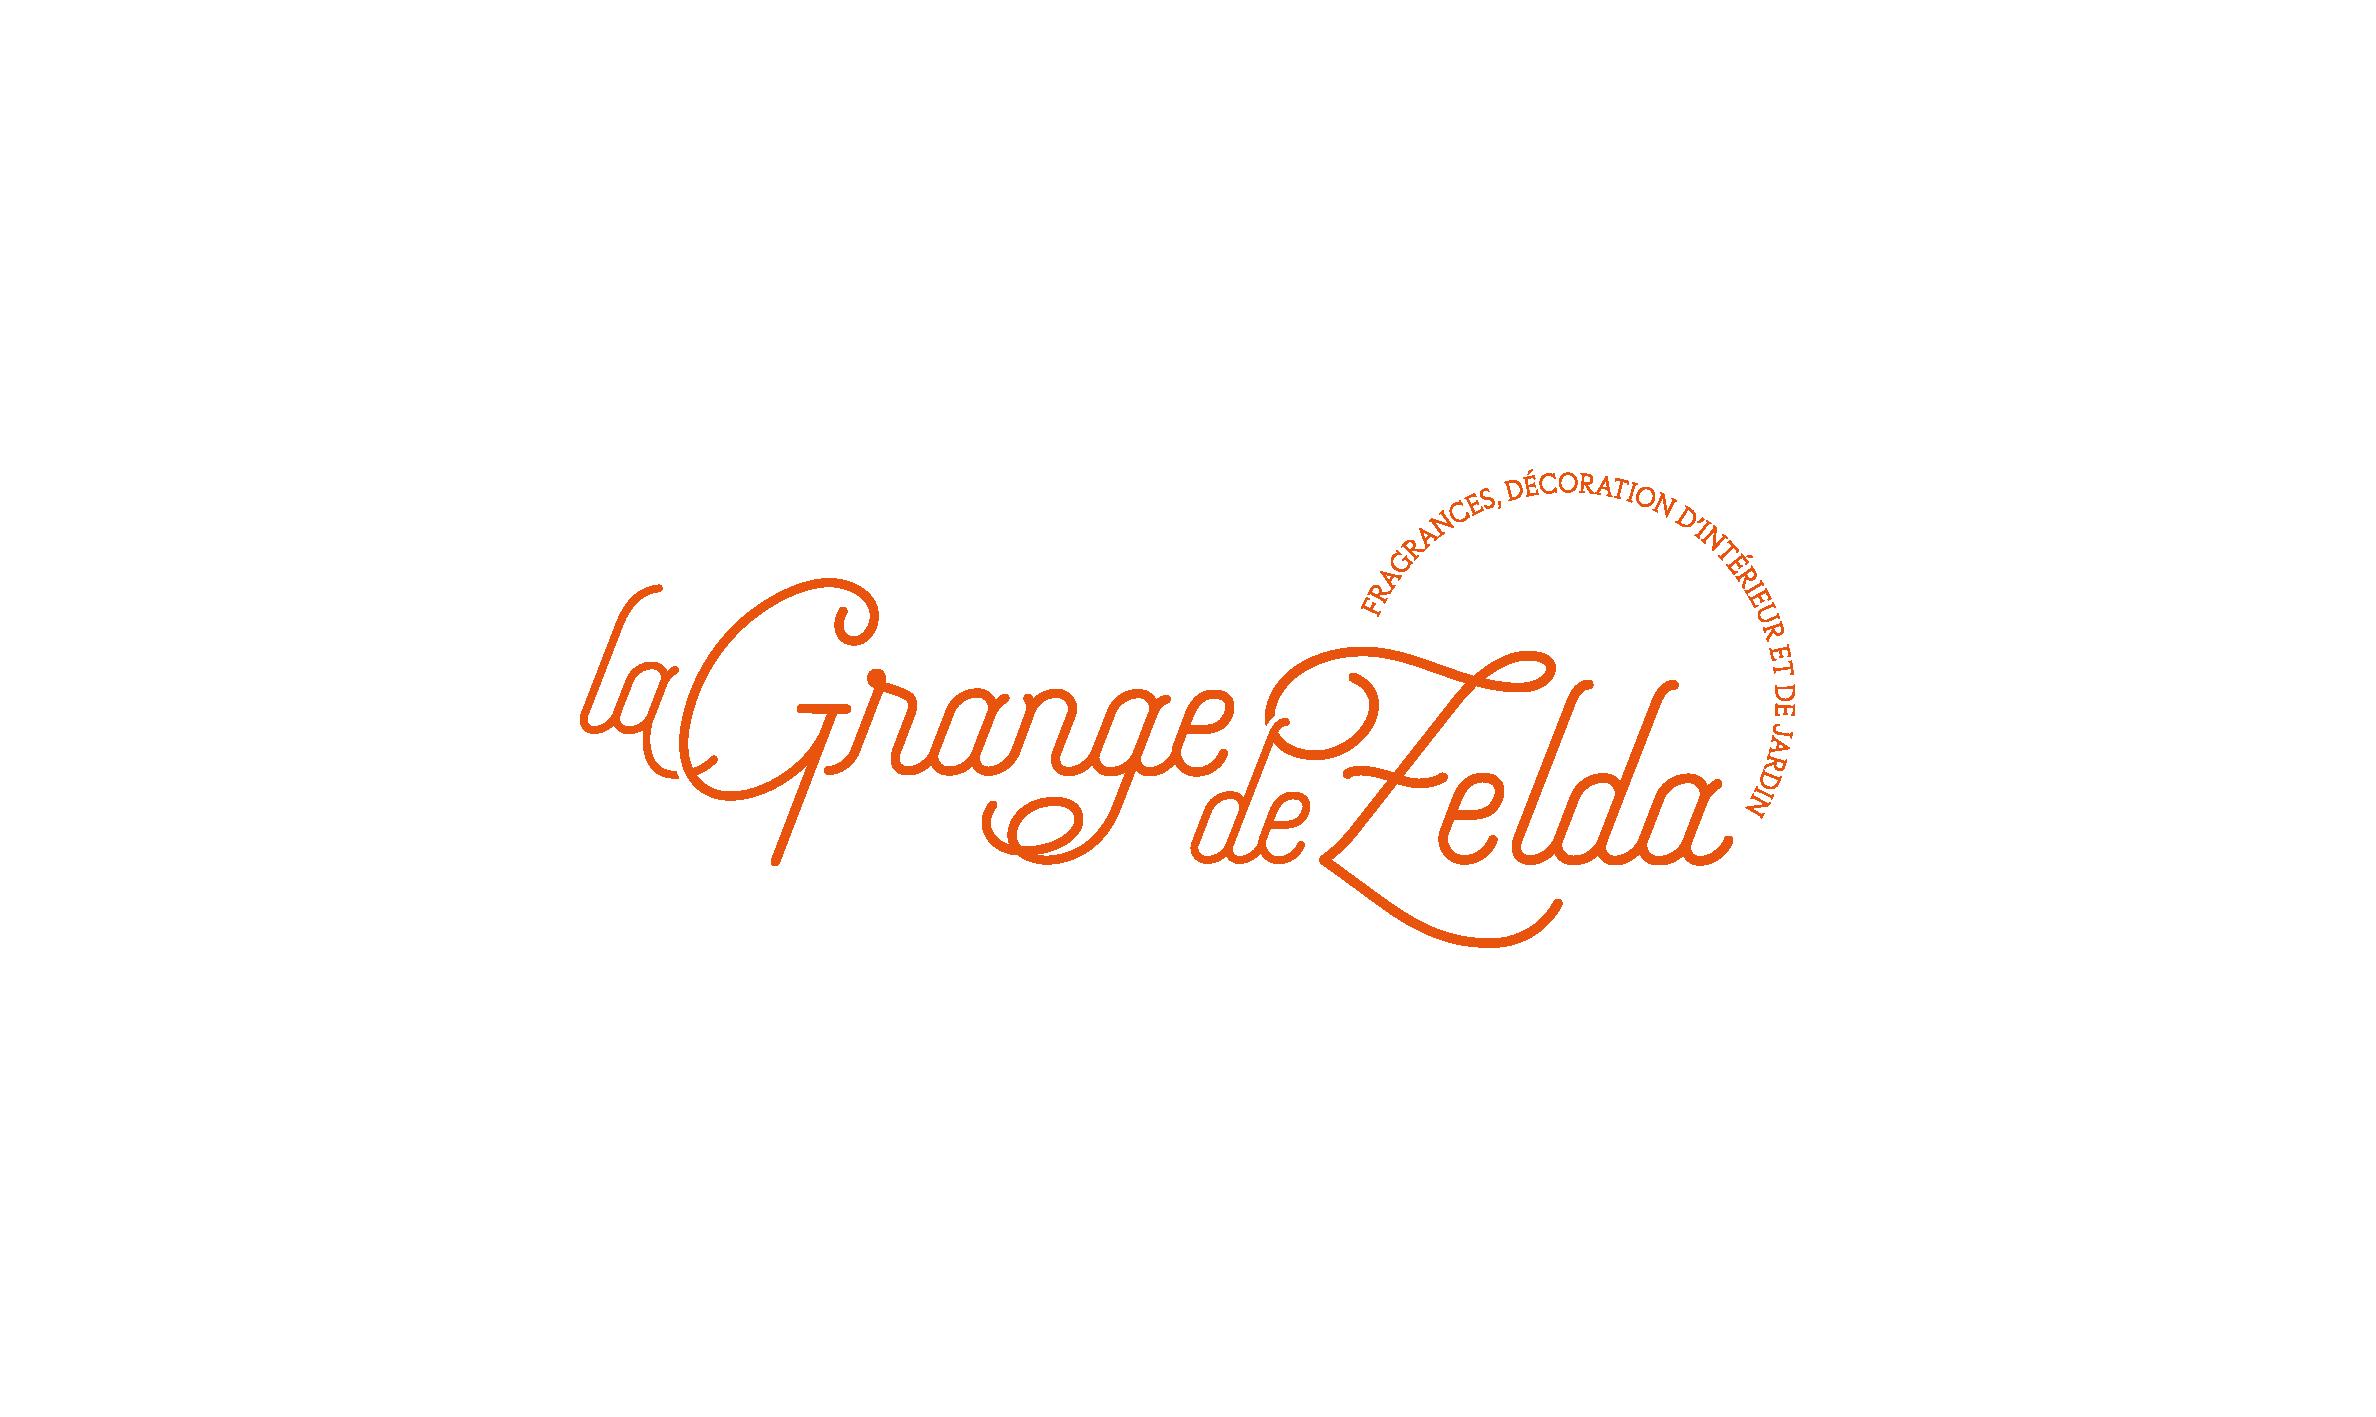 logo La Grange De Zelda